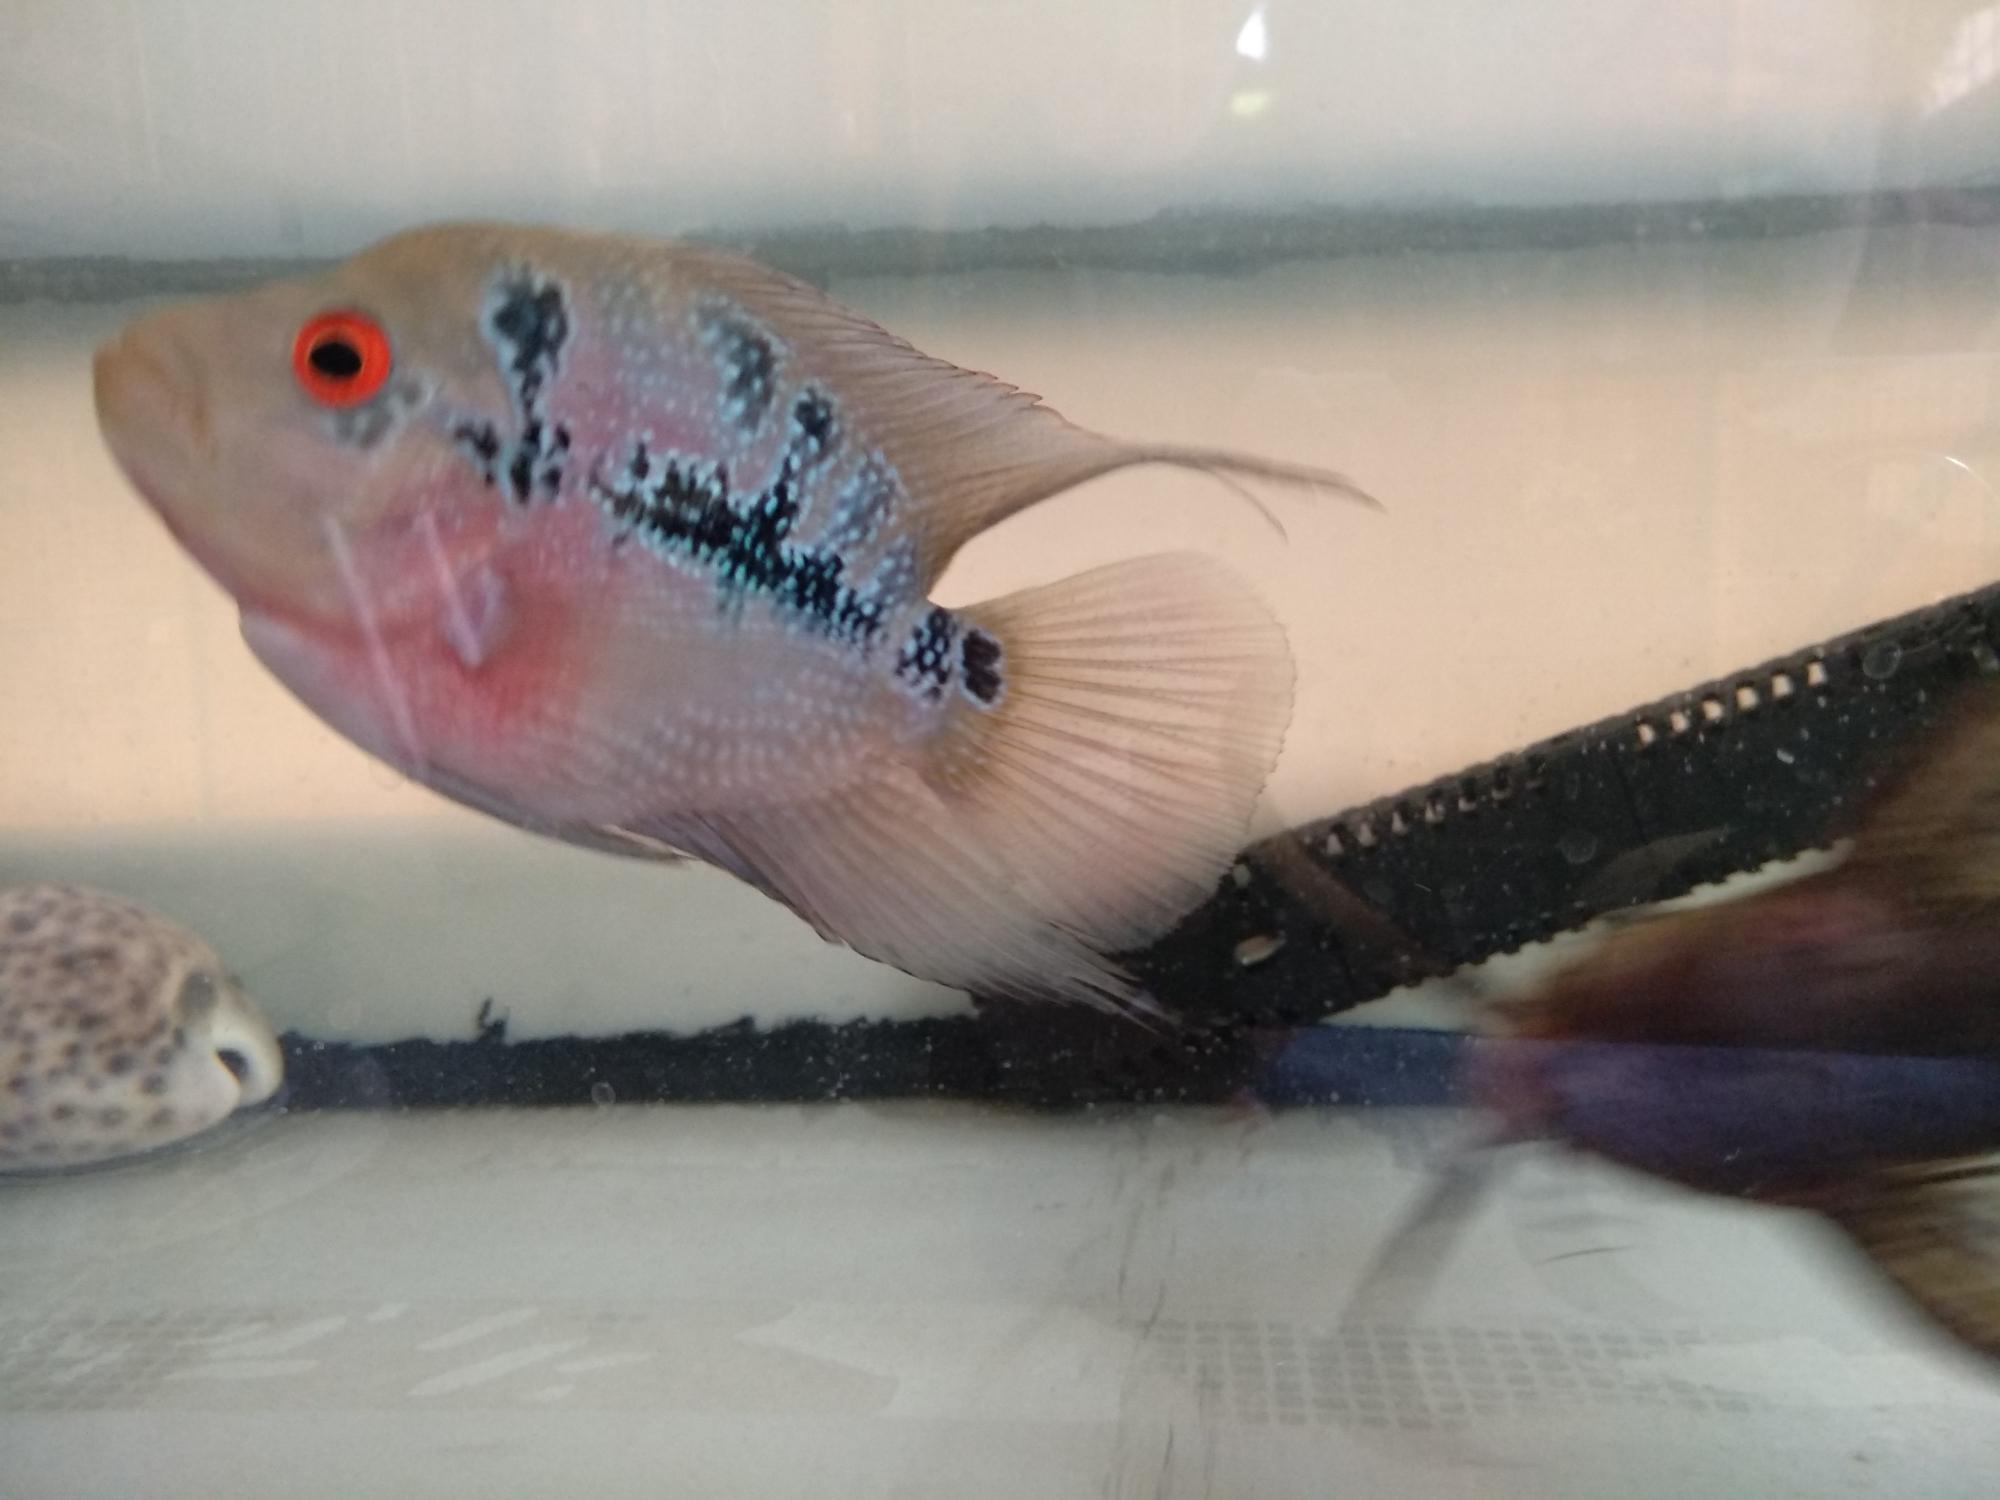 这是麒麟鹦鹉吧? 西安龙鱼论坛 西安龙鱼第5张